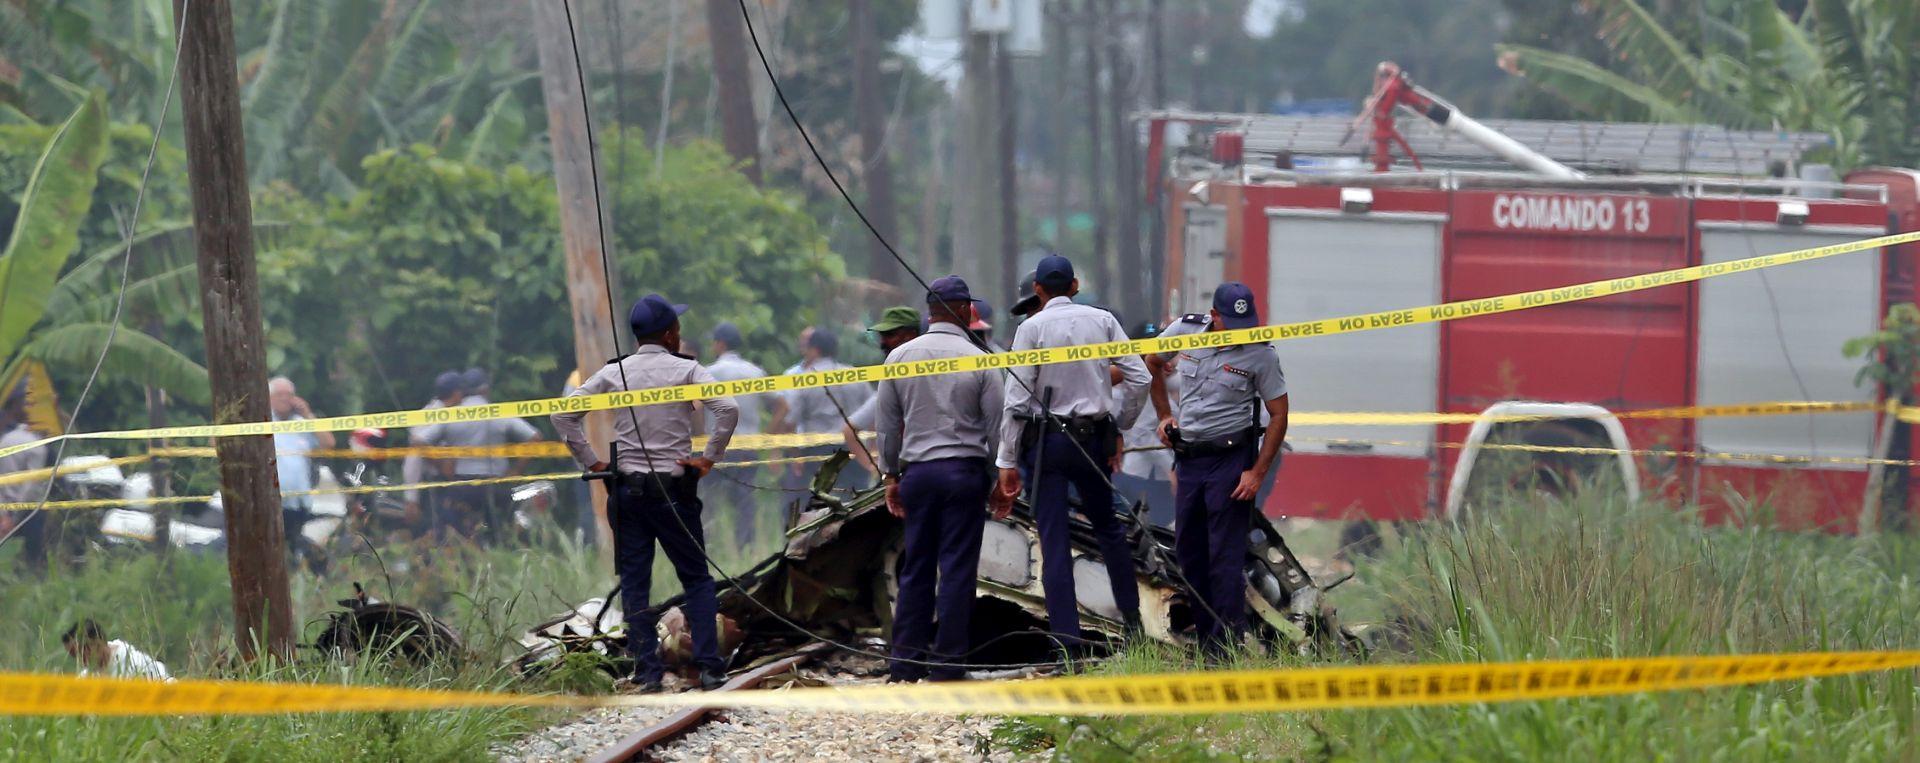 Vlasnik fatalnog zrakoplova ranije primao žalbe zbog sigurnosti